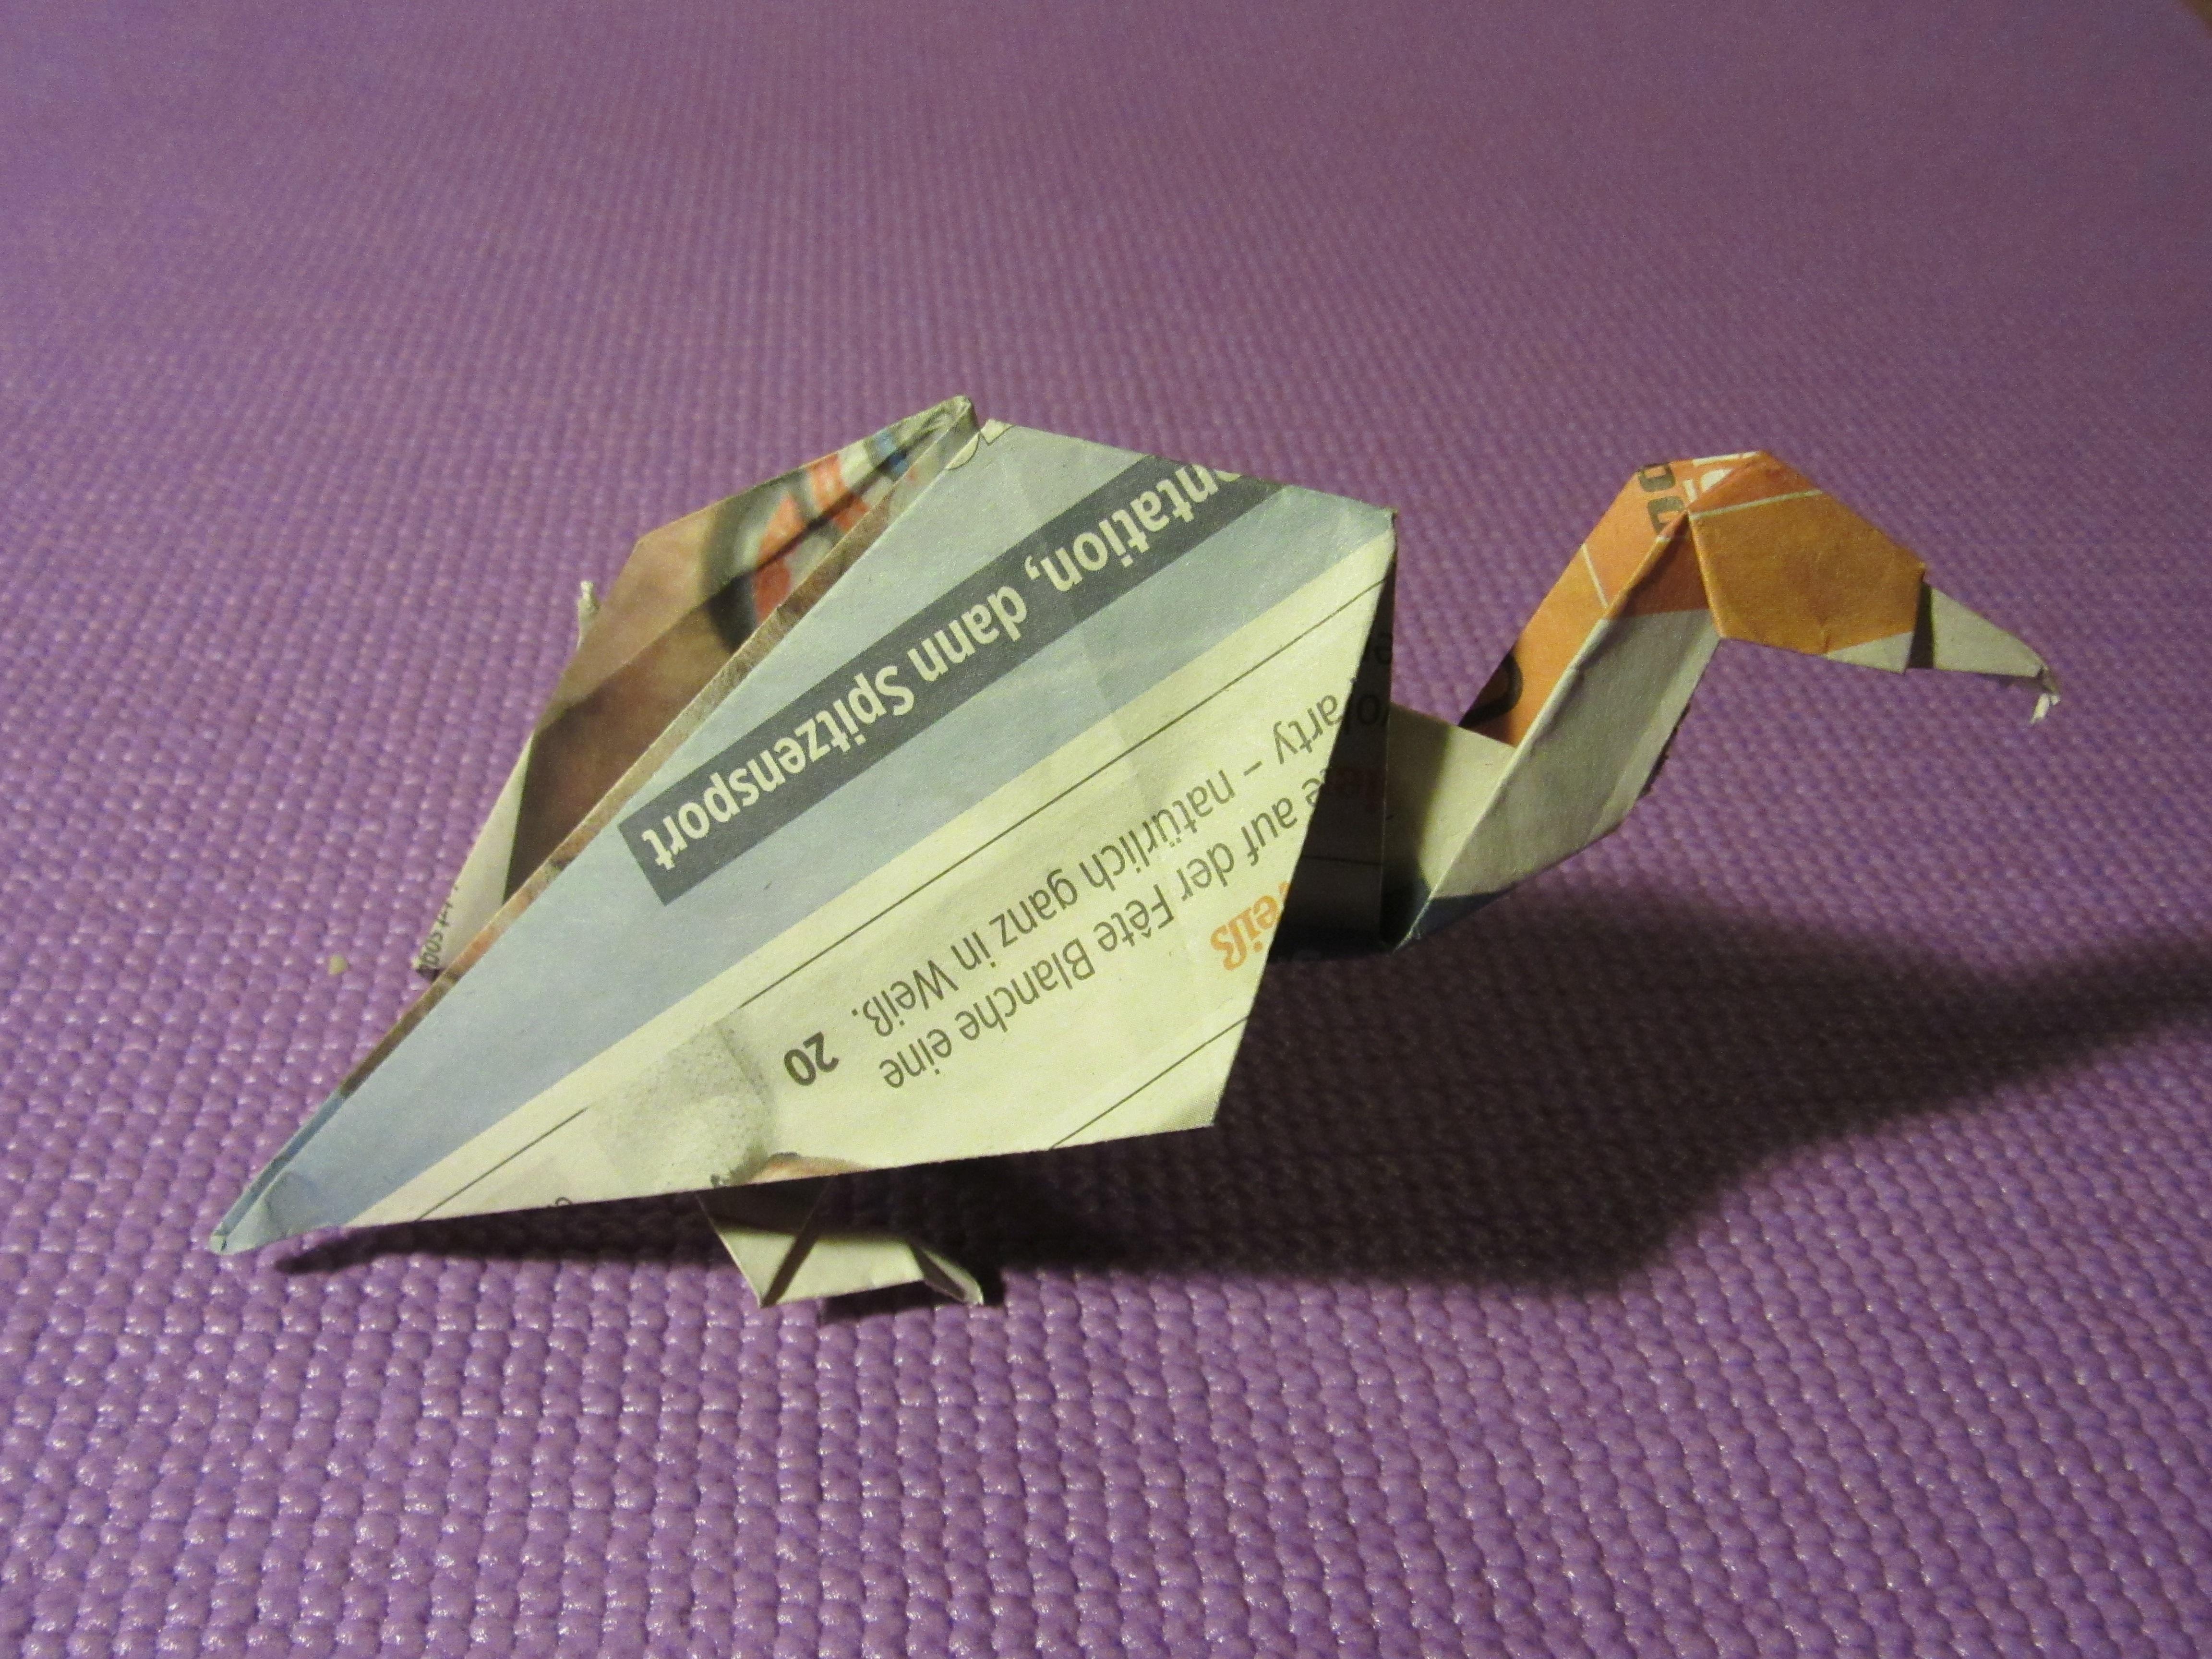 Masterful Dinosaur and Creature Origami-10 – Fubiz Media | 3456x4608